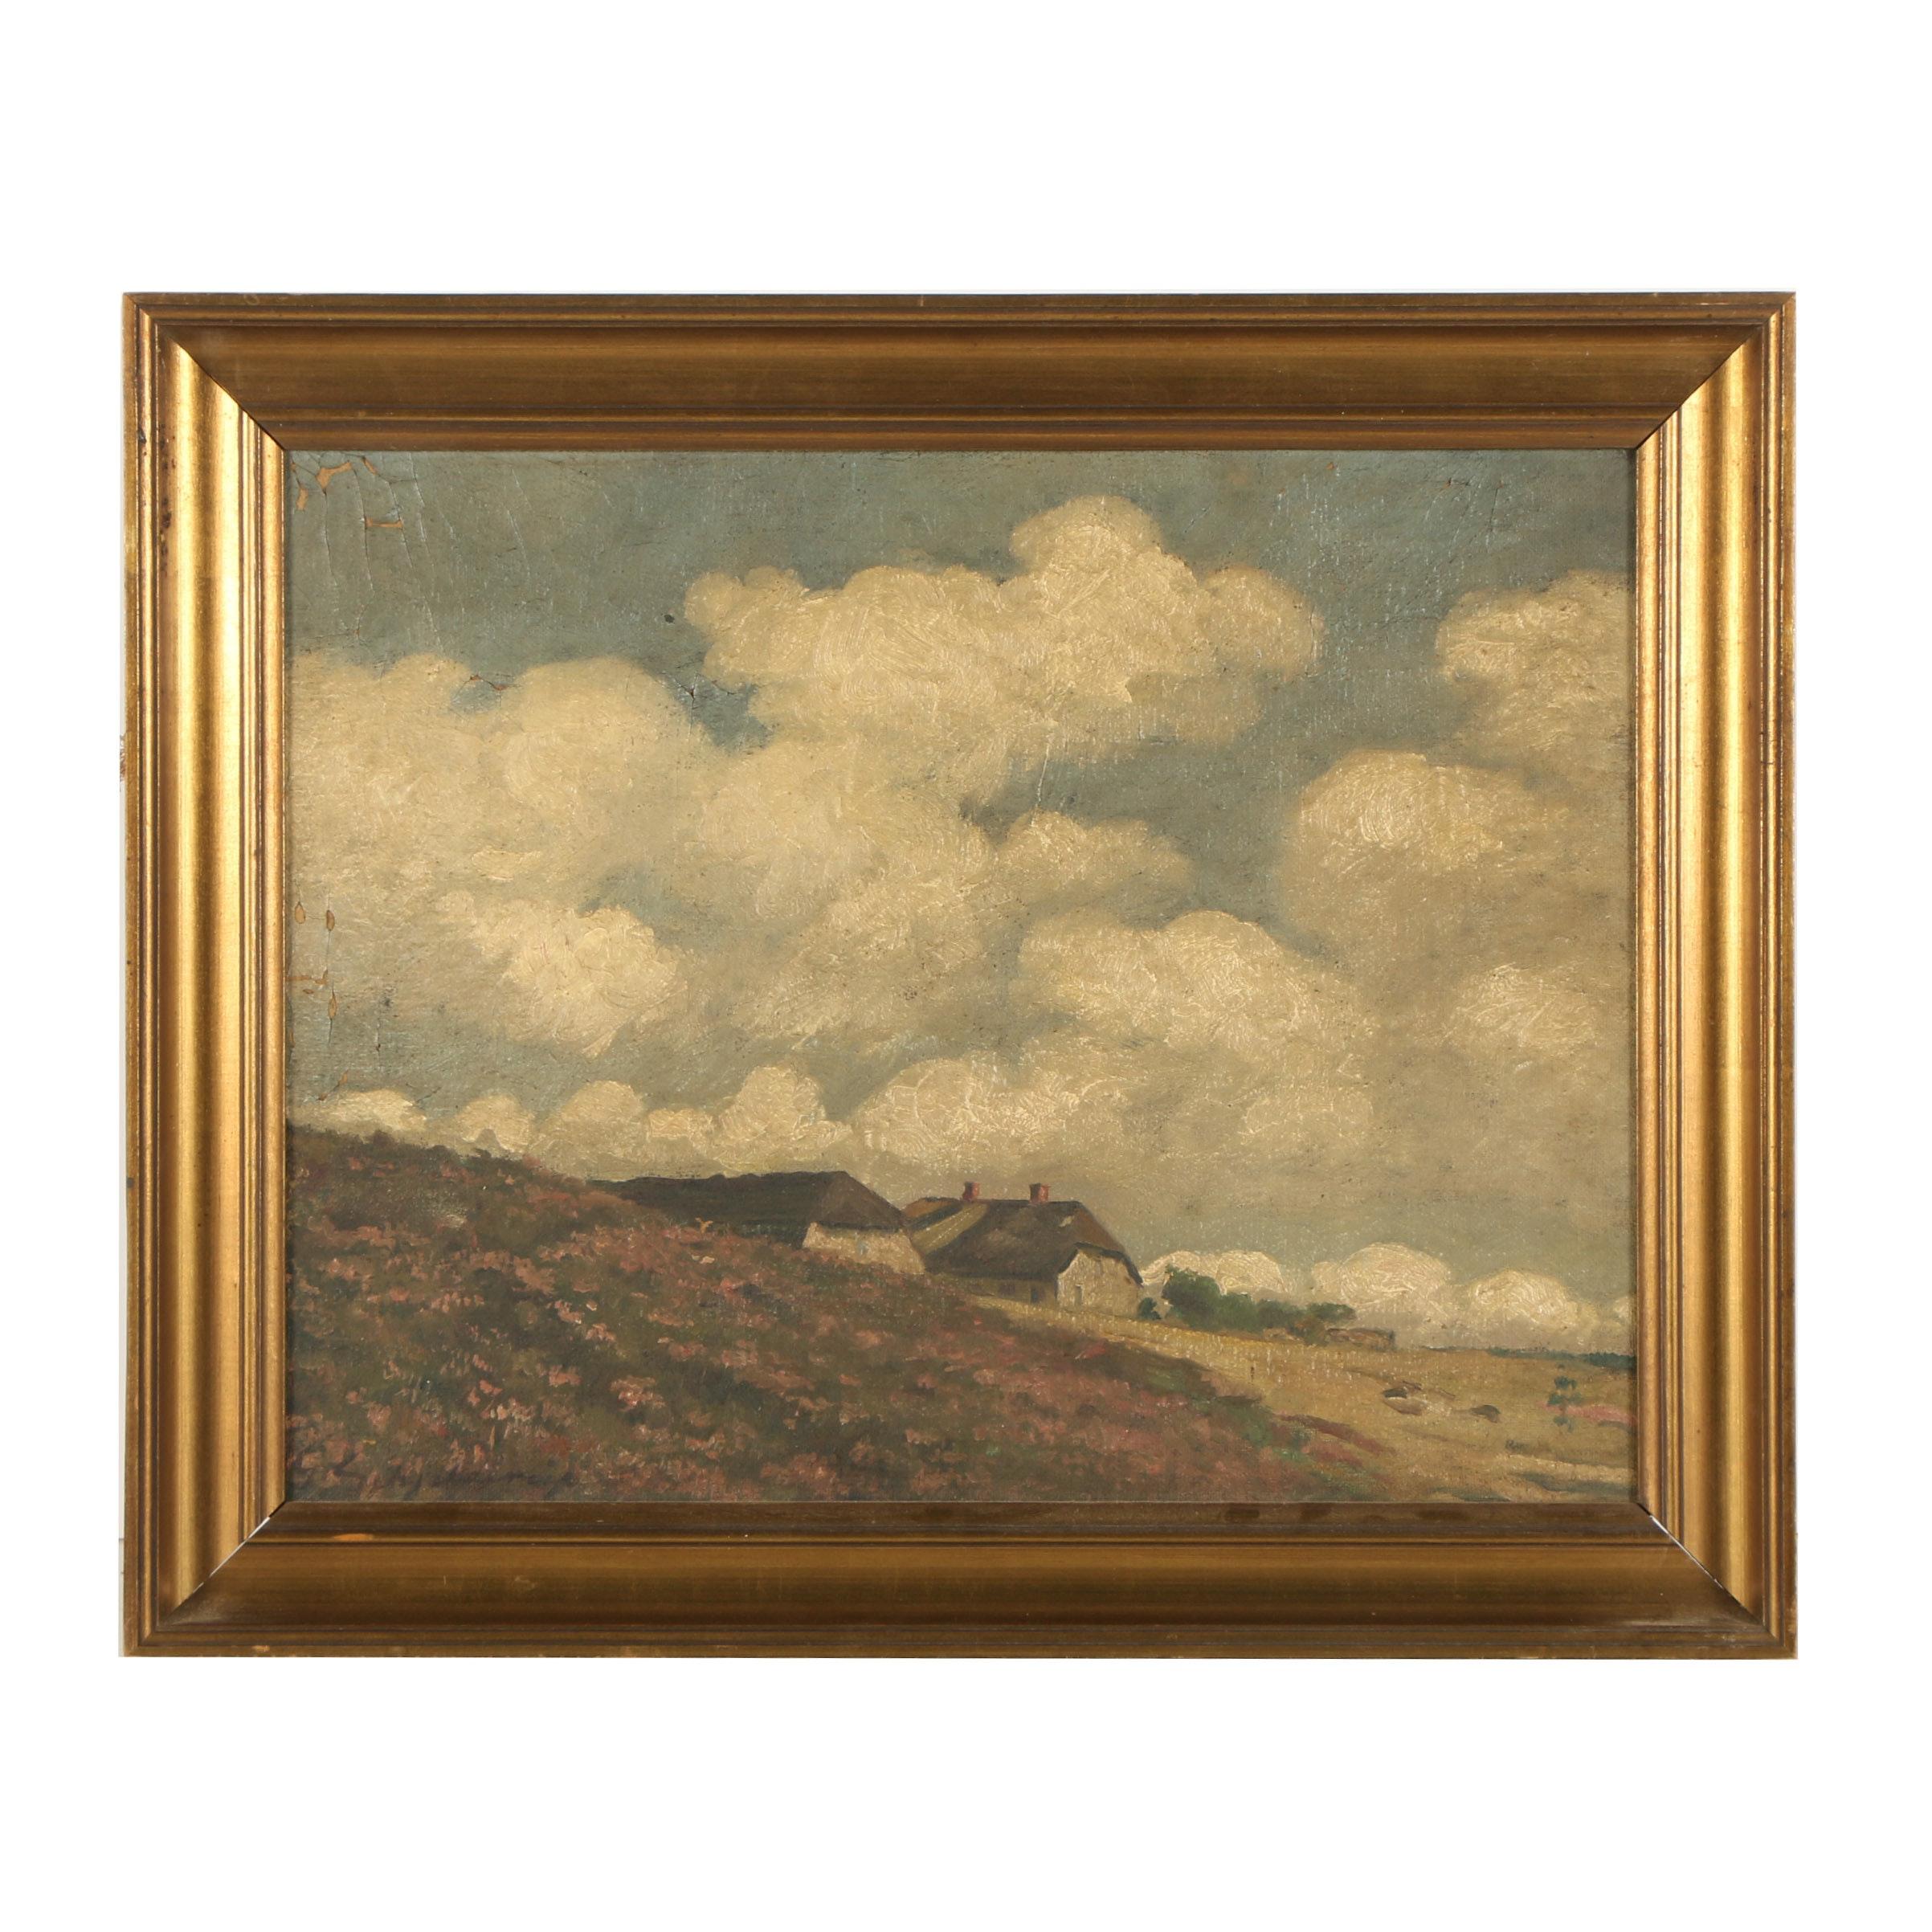 Lejs Schjelderup Oil Painting of a Bucolic Landscape